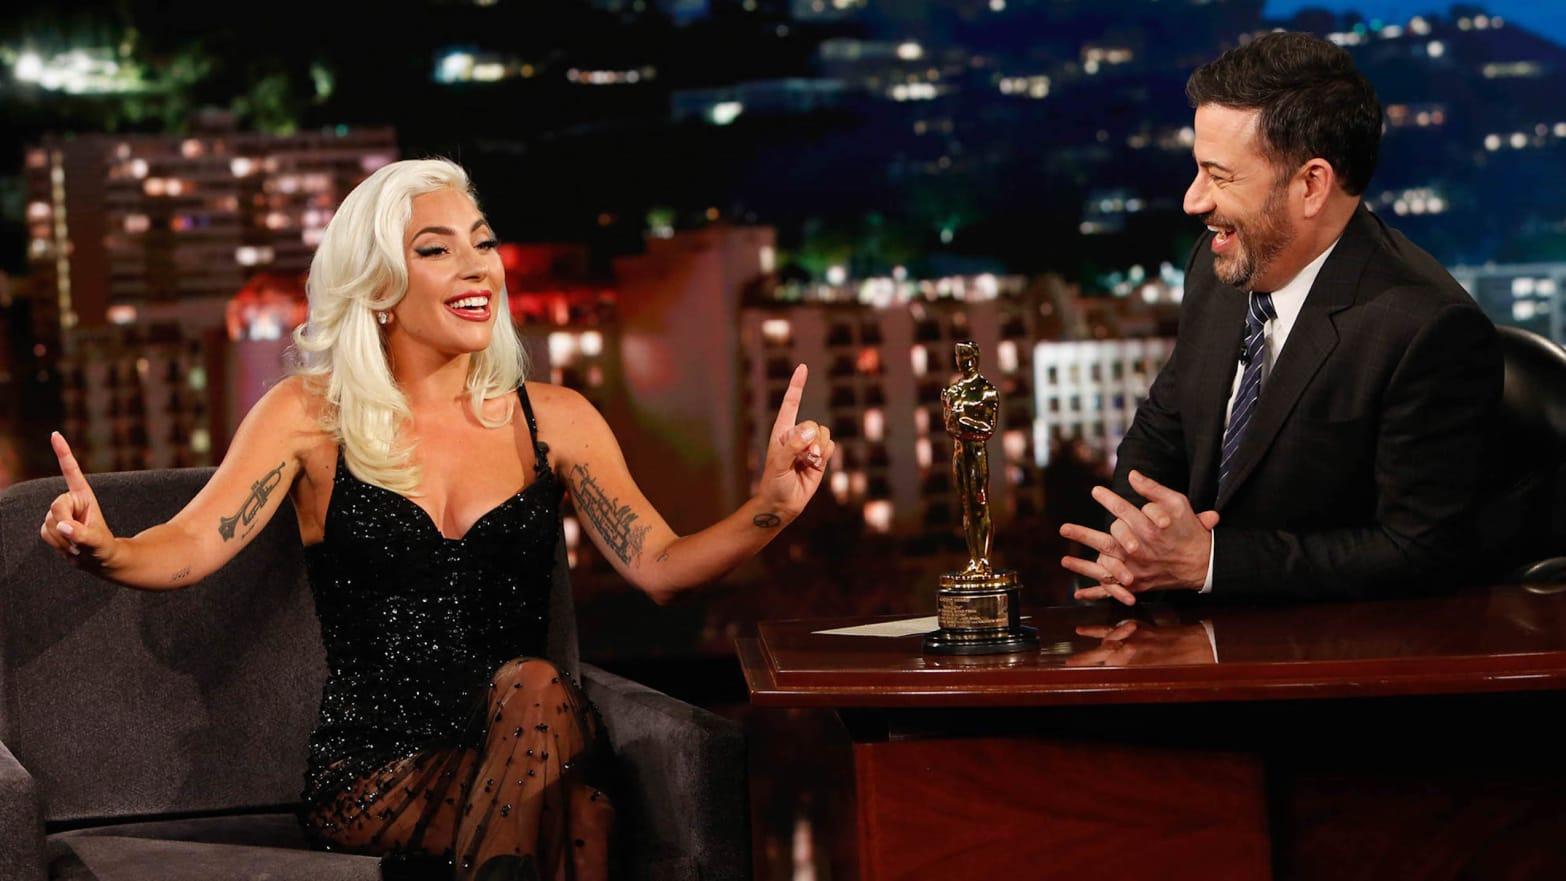 Jimmy Kimmel Grills Lady Gaga on Steamy Oscar Duet With Bradley Cooper